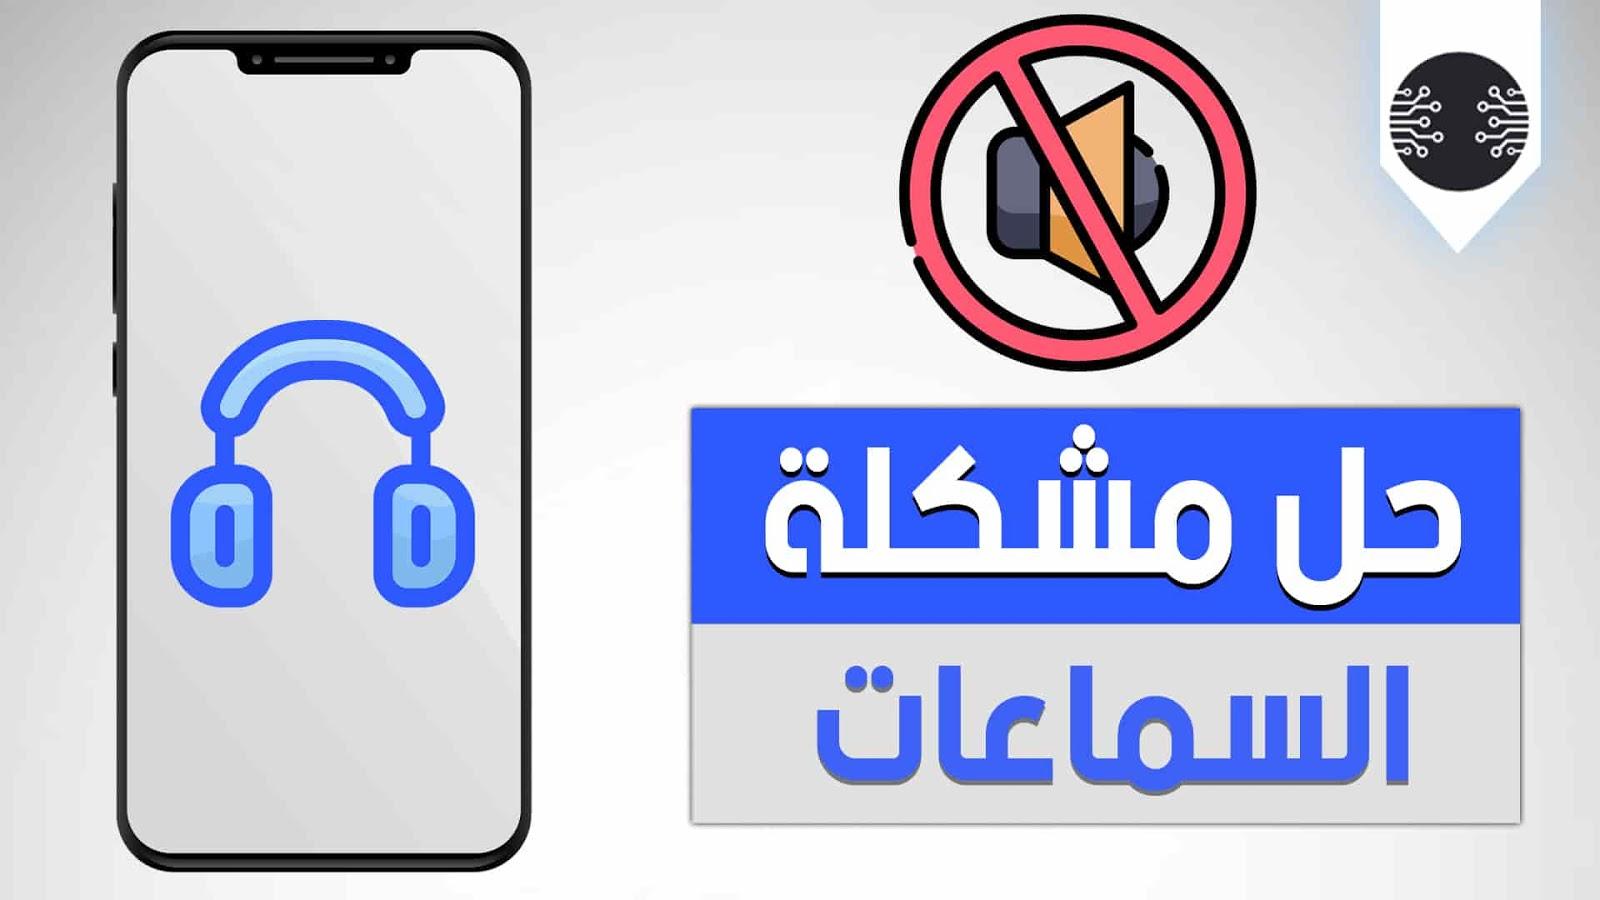 حلول مشكلة انقطاع الصوت في الموبايل و ظهور علامة سماعات الاذن